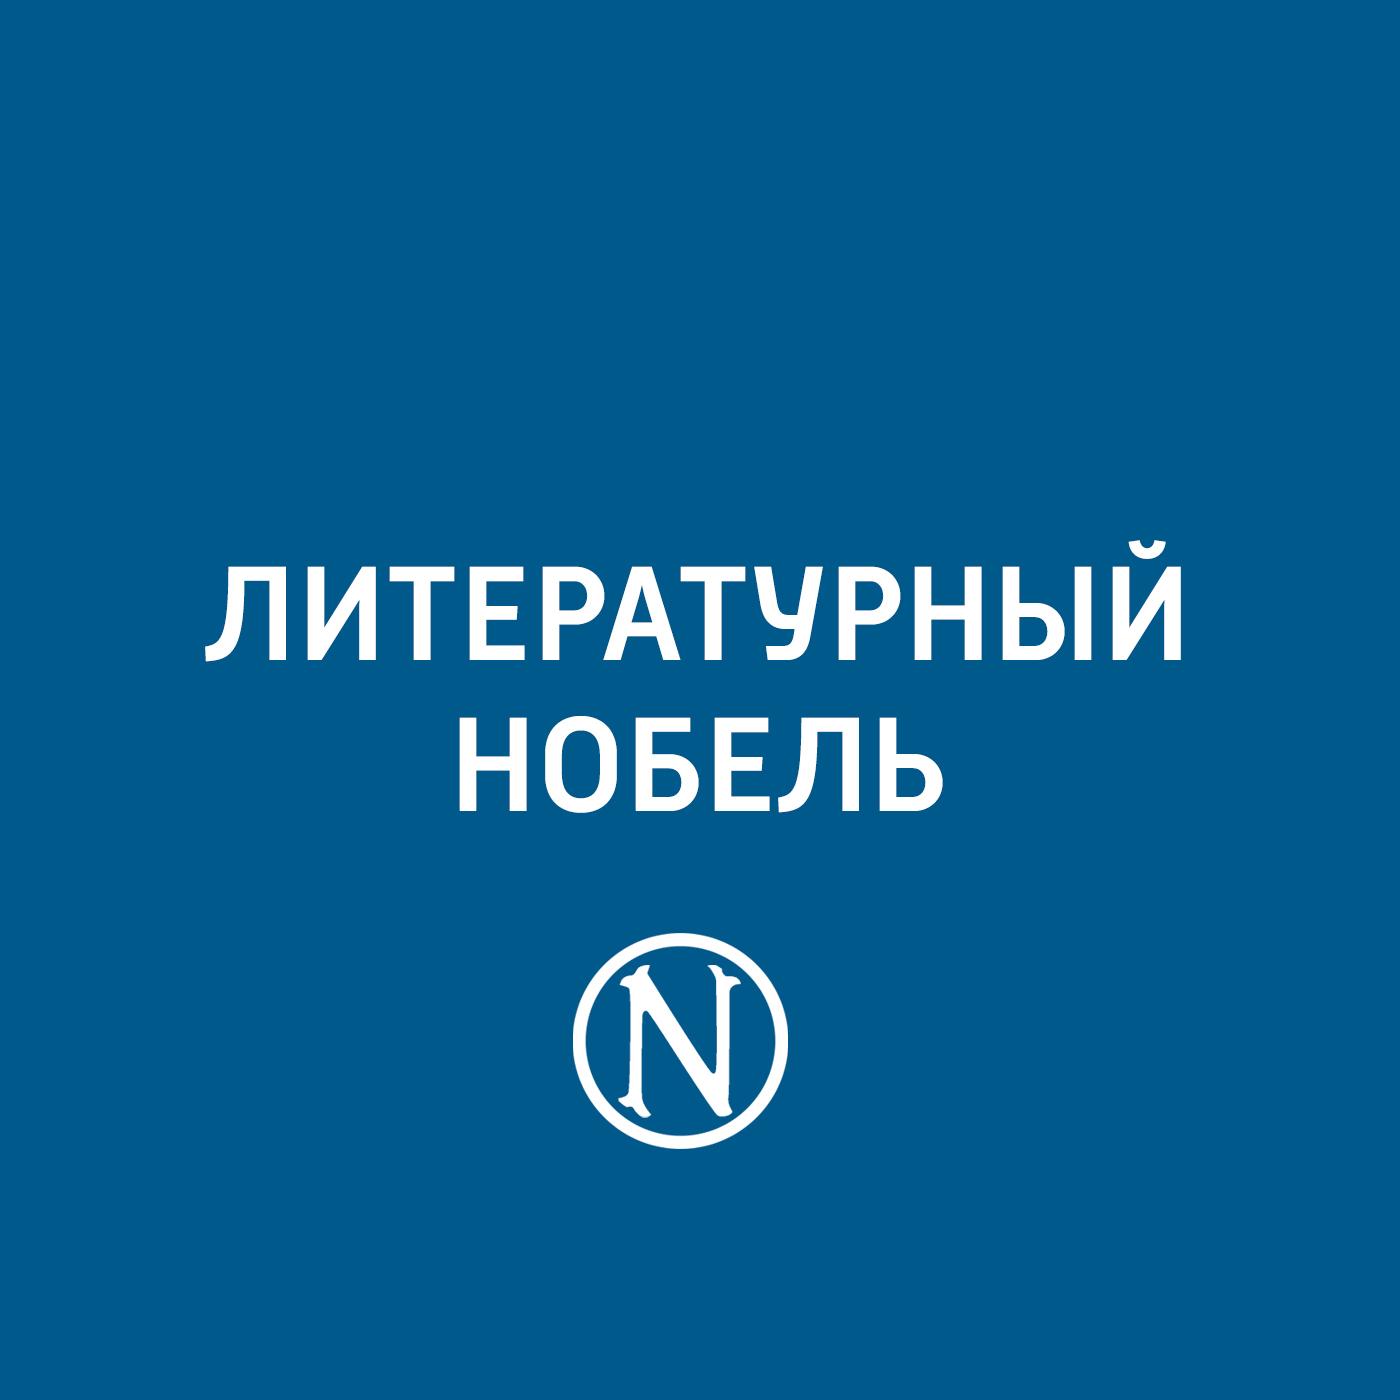 Евгений Стаховский Сен-Жон Перс среднерусская возвышенность 2018 09 23t15 00